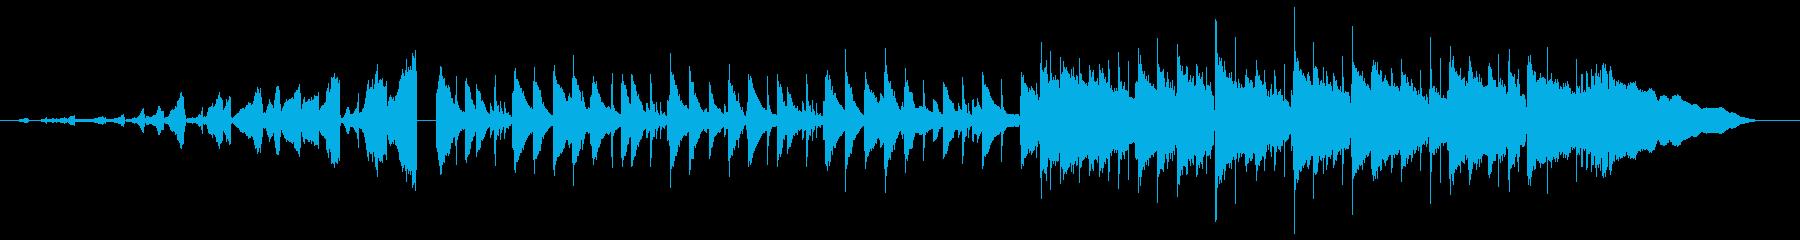 儚げなピアノ中心のポップスバラードの再生済みの波形